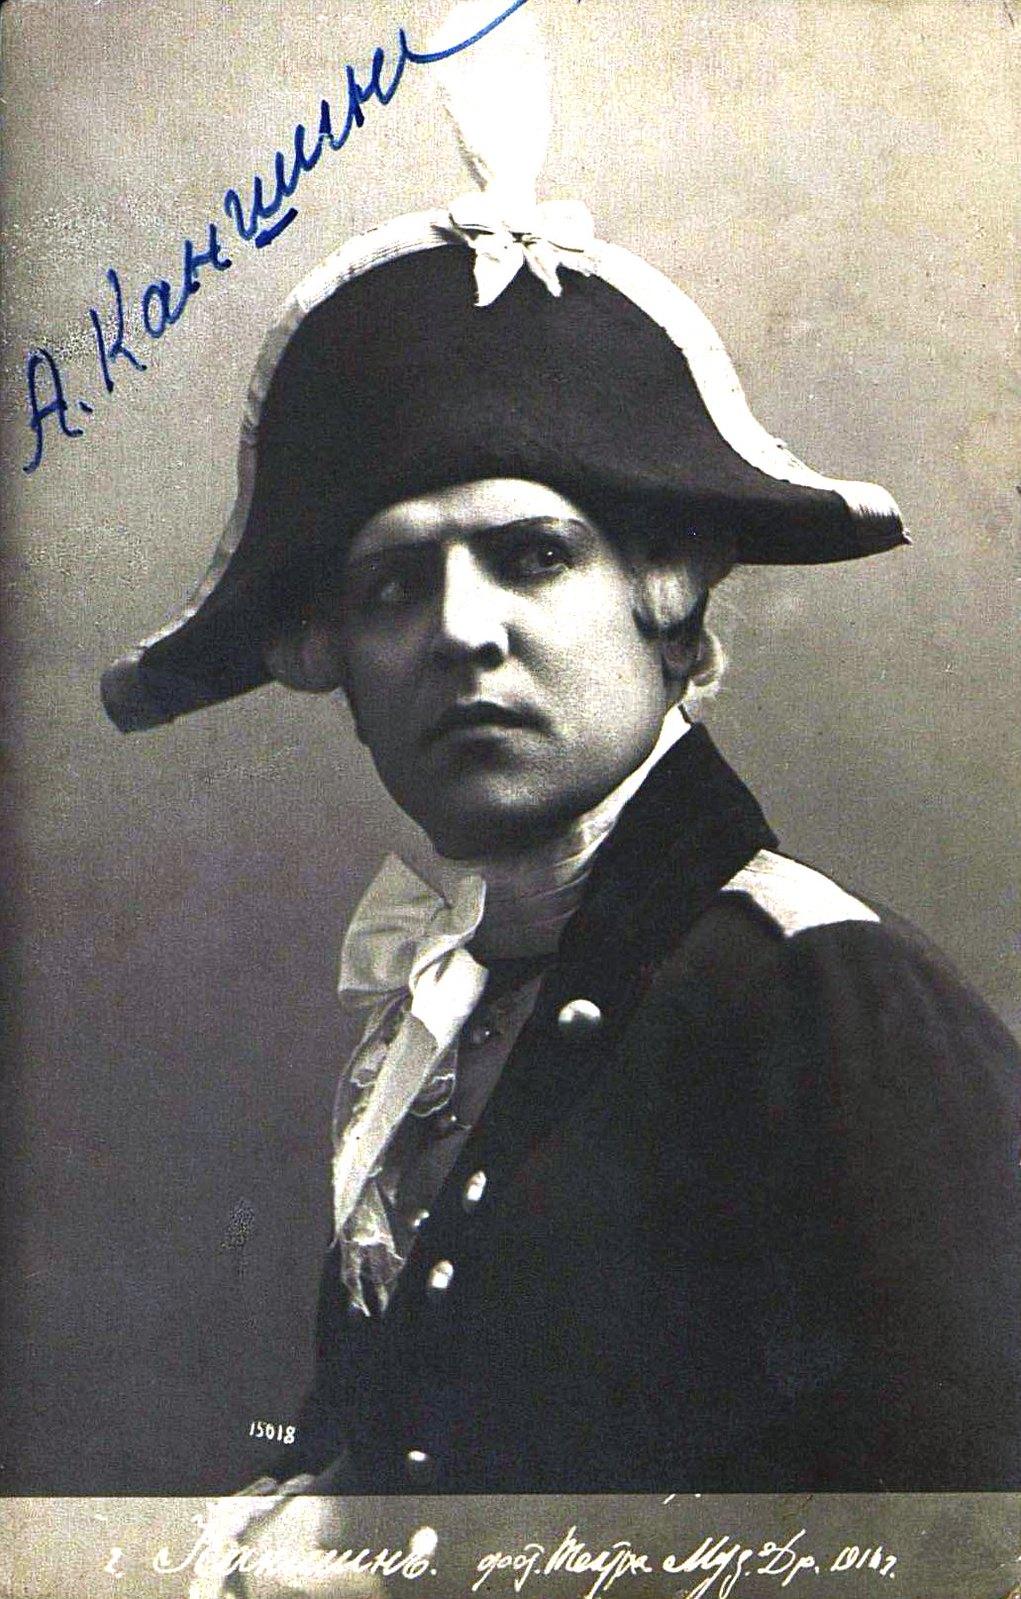 Каншин Алексей, артист Театра музыкальной драмы, в роли Германа в опере «Пиковая дама» во время гастролей в Одессе. Театр музыкальной драмы. Не позднее 6 октября 1916